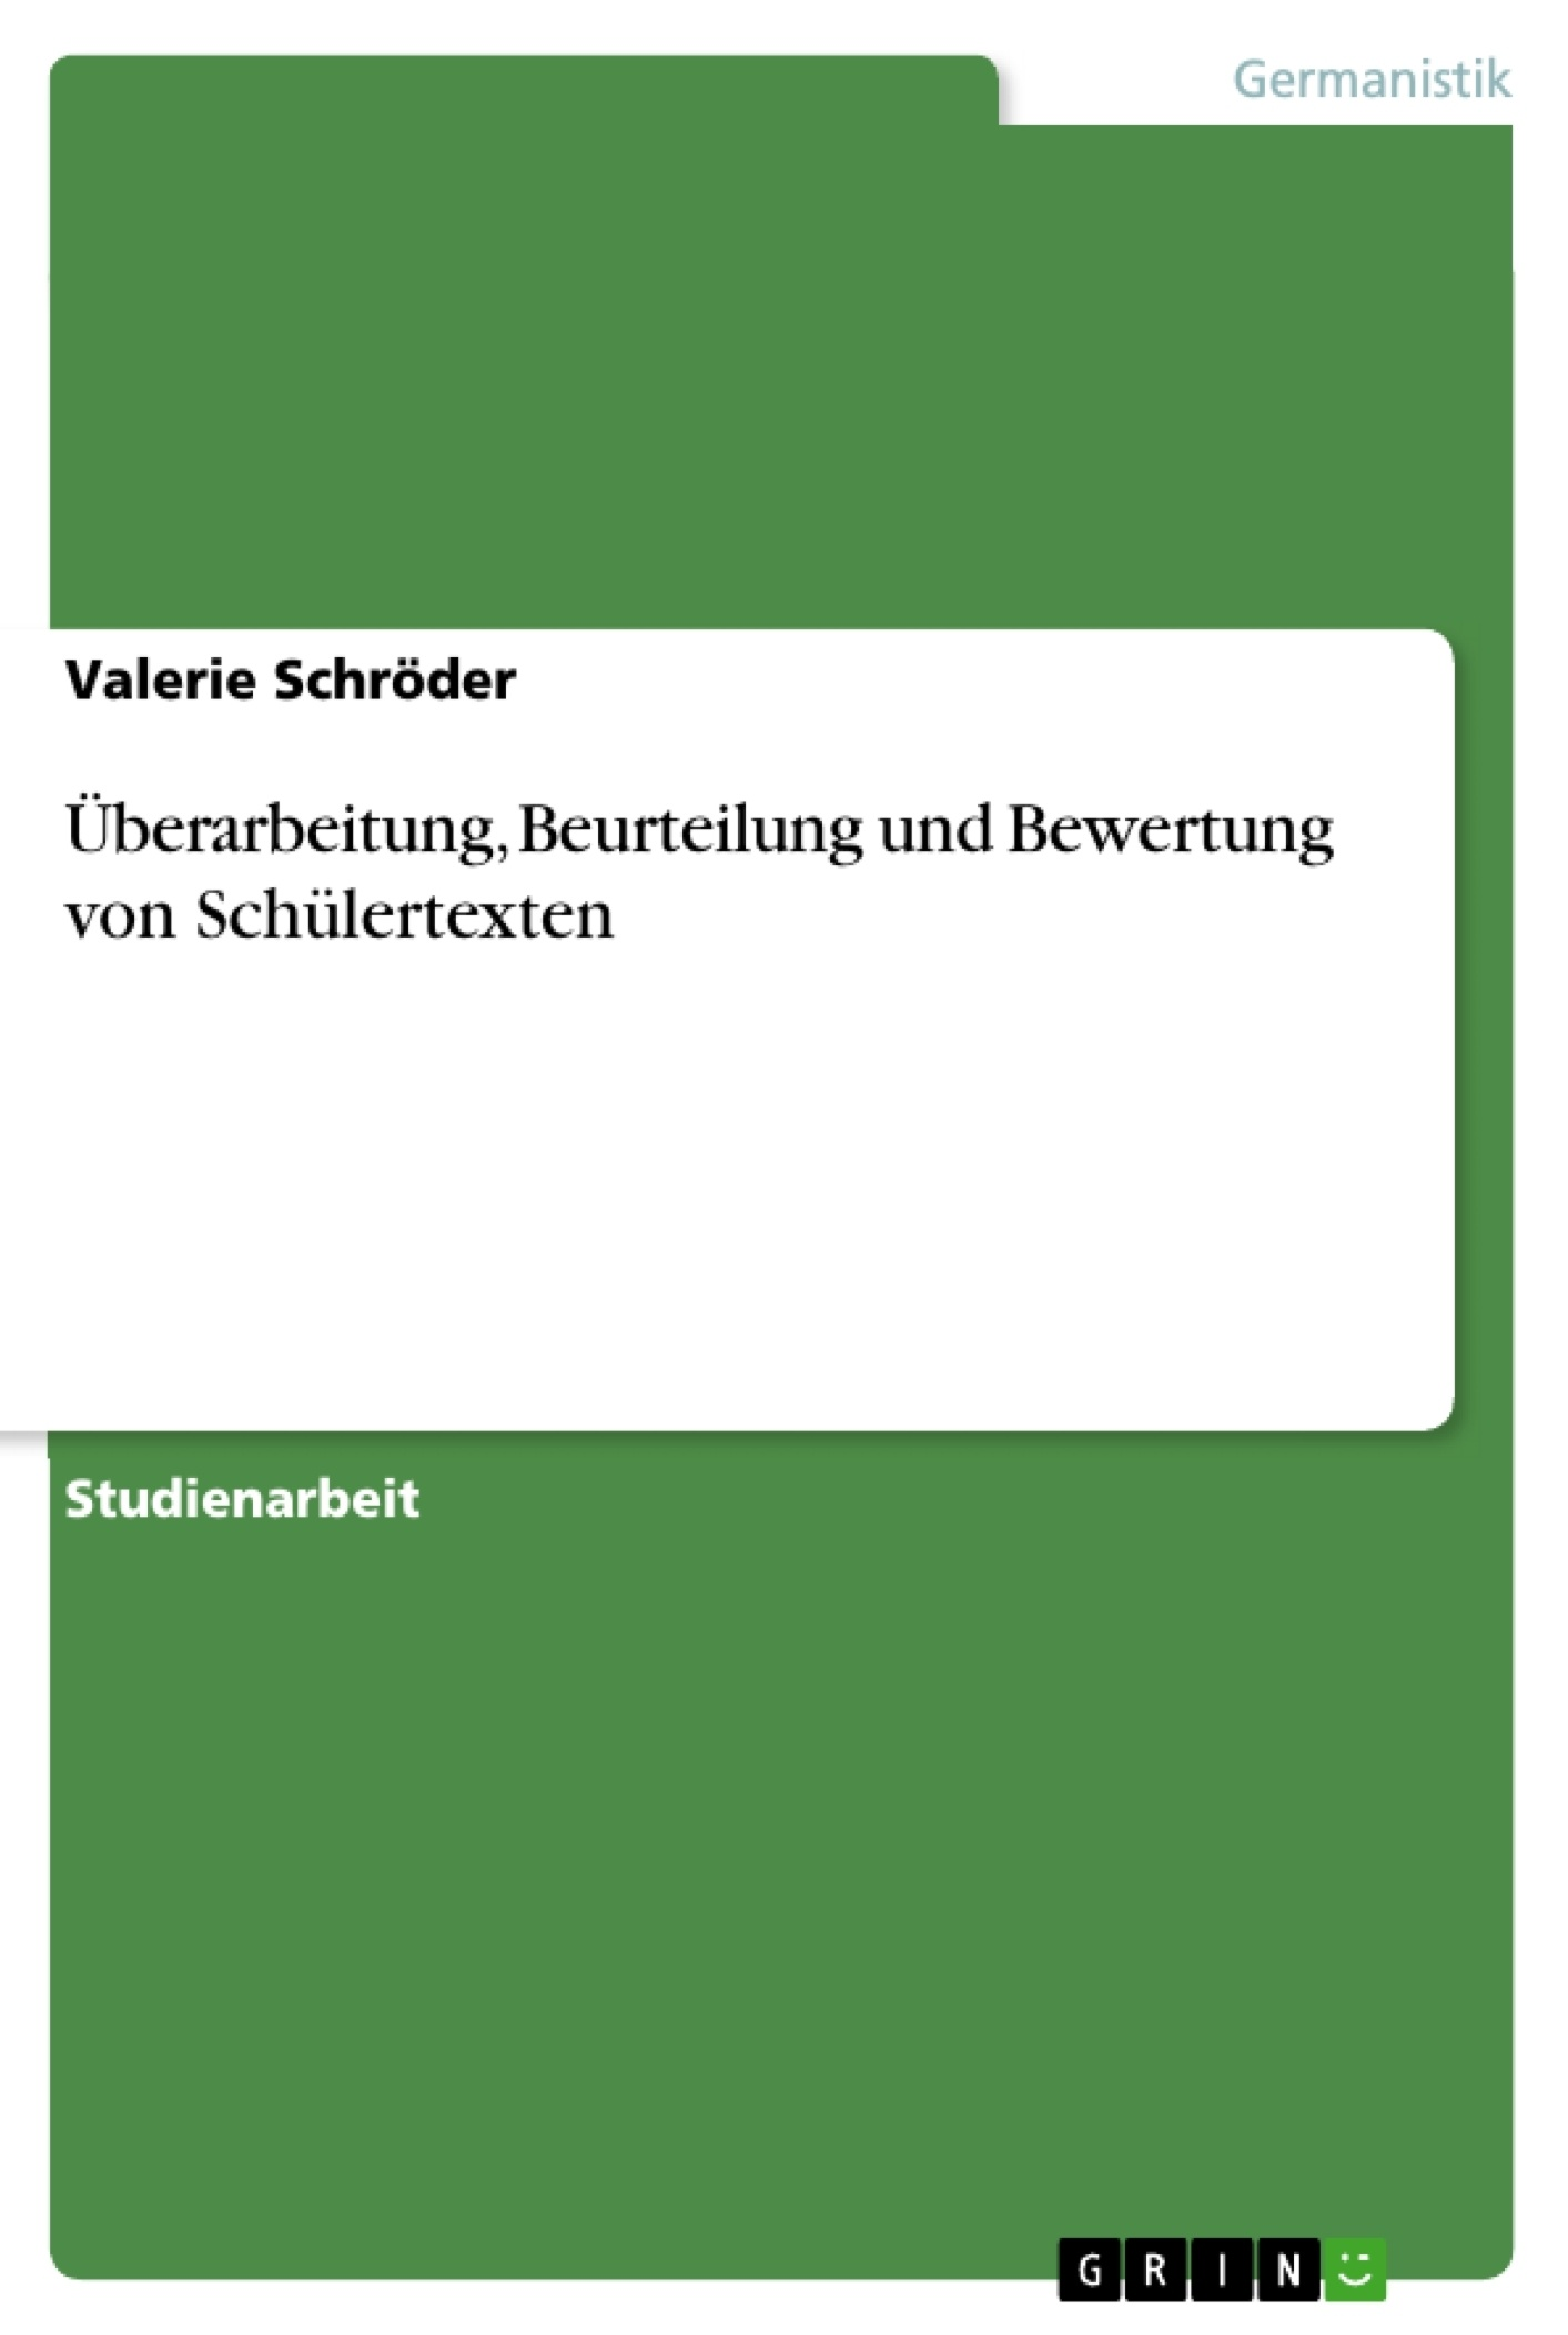 Titel: Überarbeitung, Beurteilung und Bewertung von Schülertexten